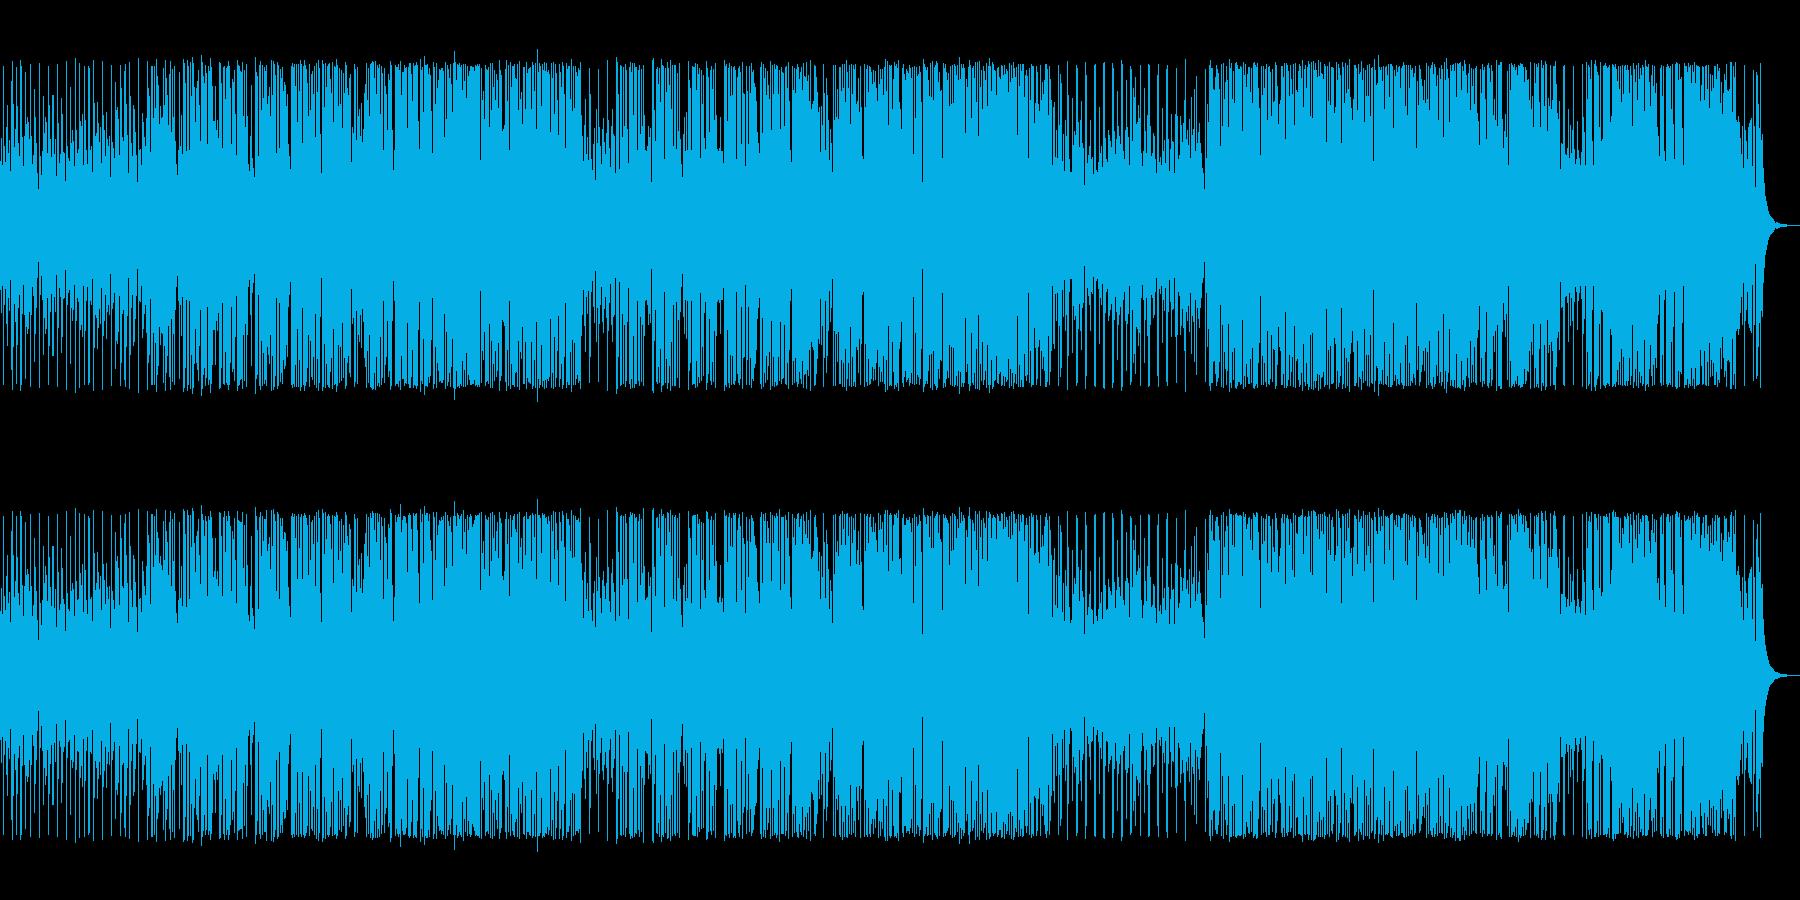 仲間と一緒に歌えるギターソング【生演奏】の再生済みの波形